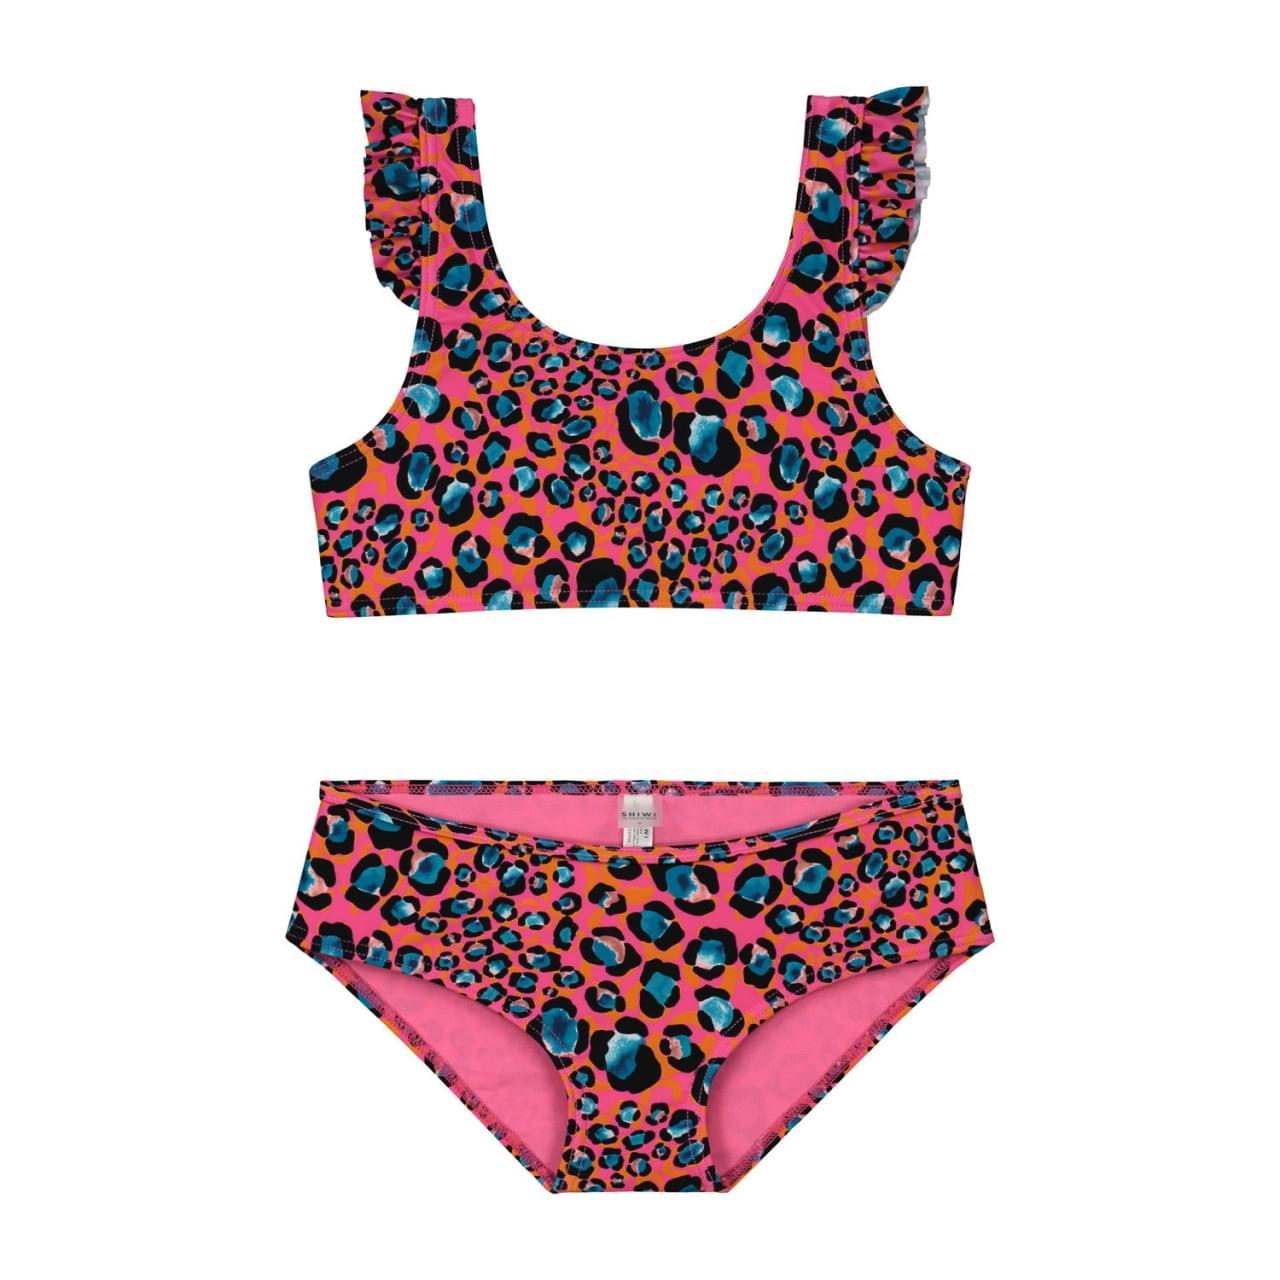 SHIWI Leopard Spot Scoop Top Bikini Kids Roze